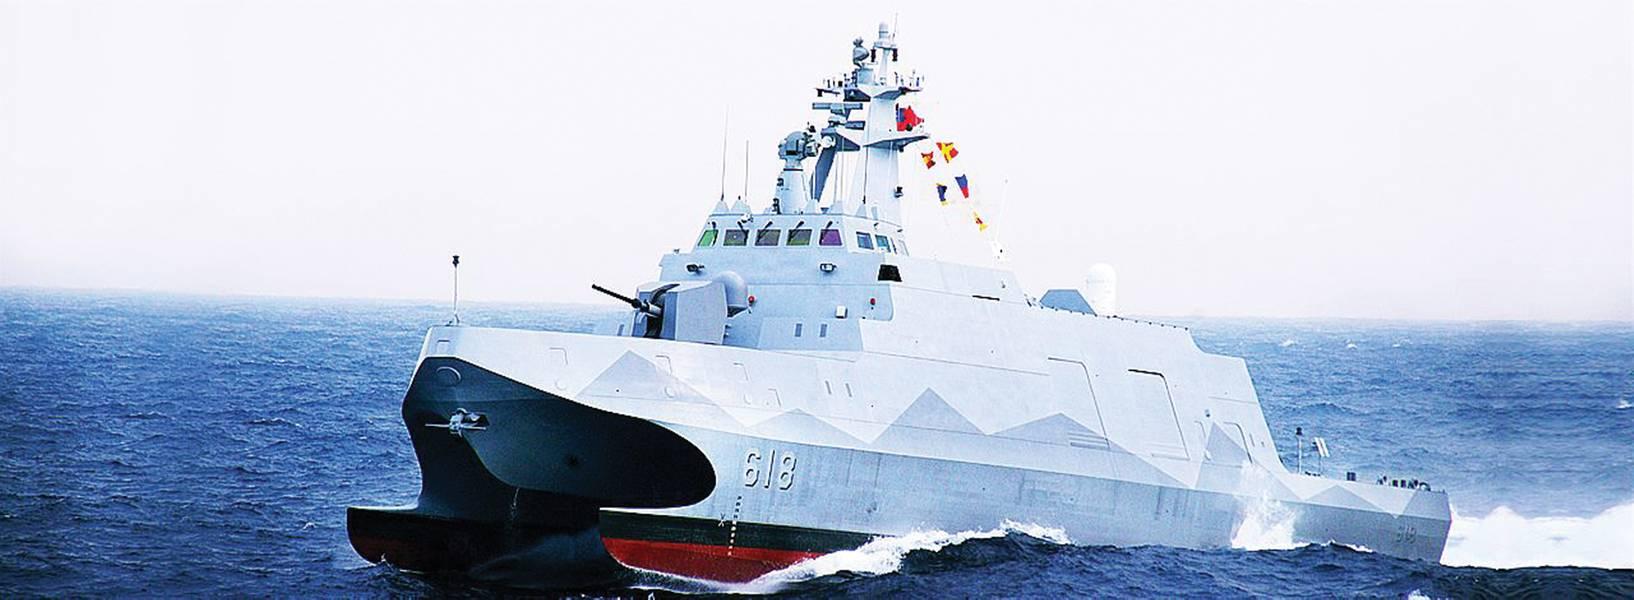 第一艘ROCS Tuo Chiang(PG 618)是一类隐形多任务轻型护卫舰中的第一艘。 (ROCN照片)